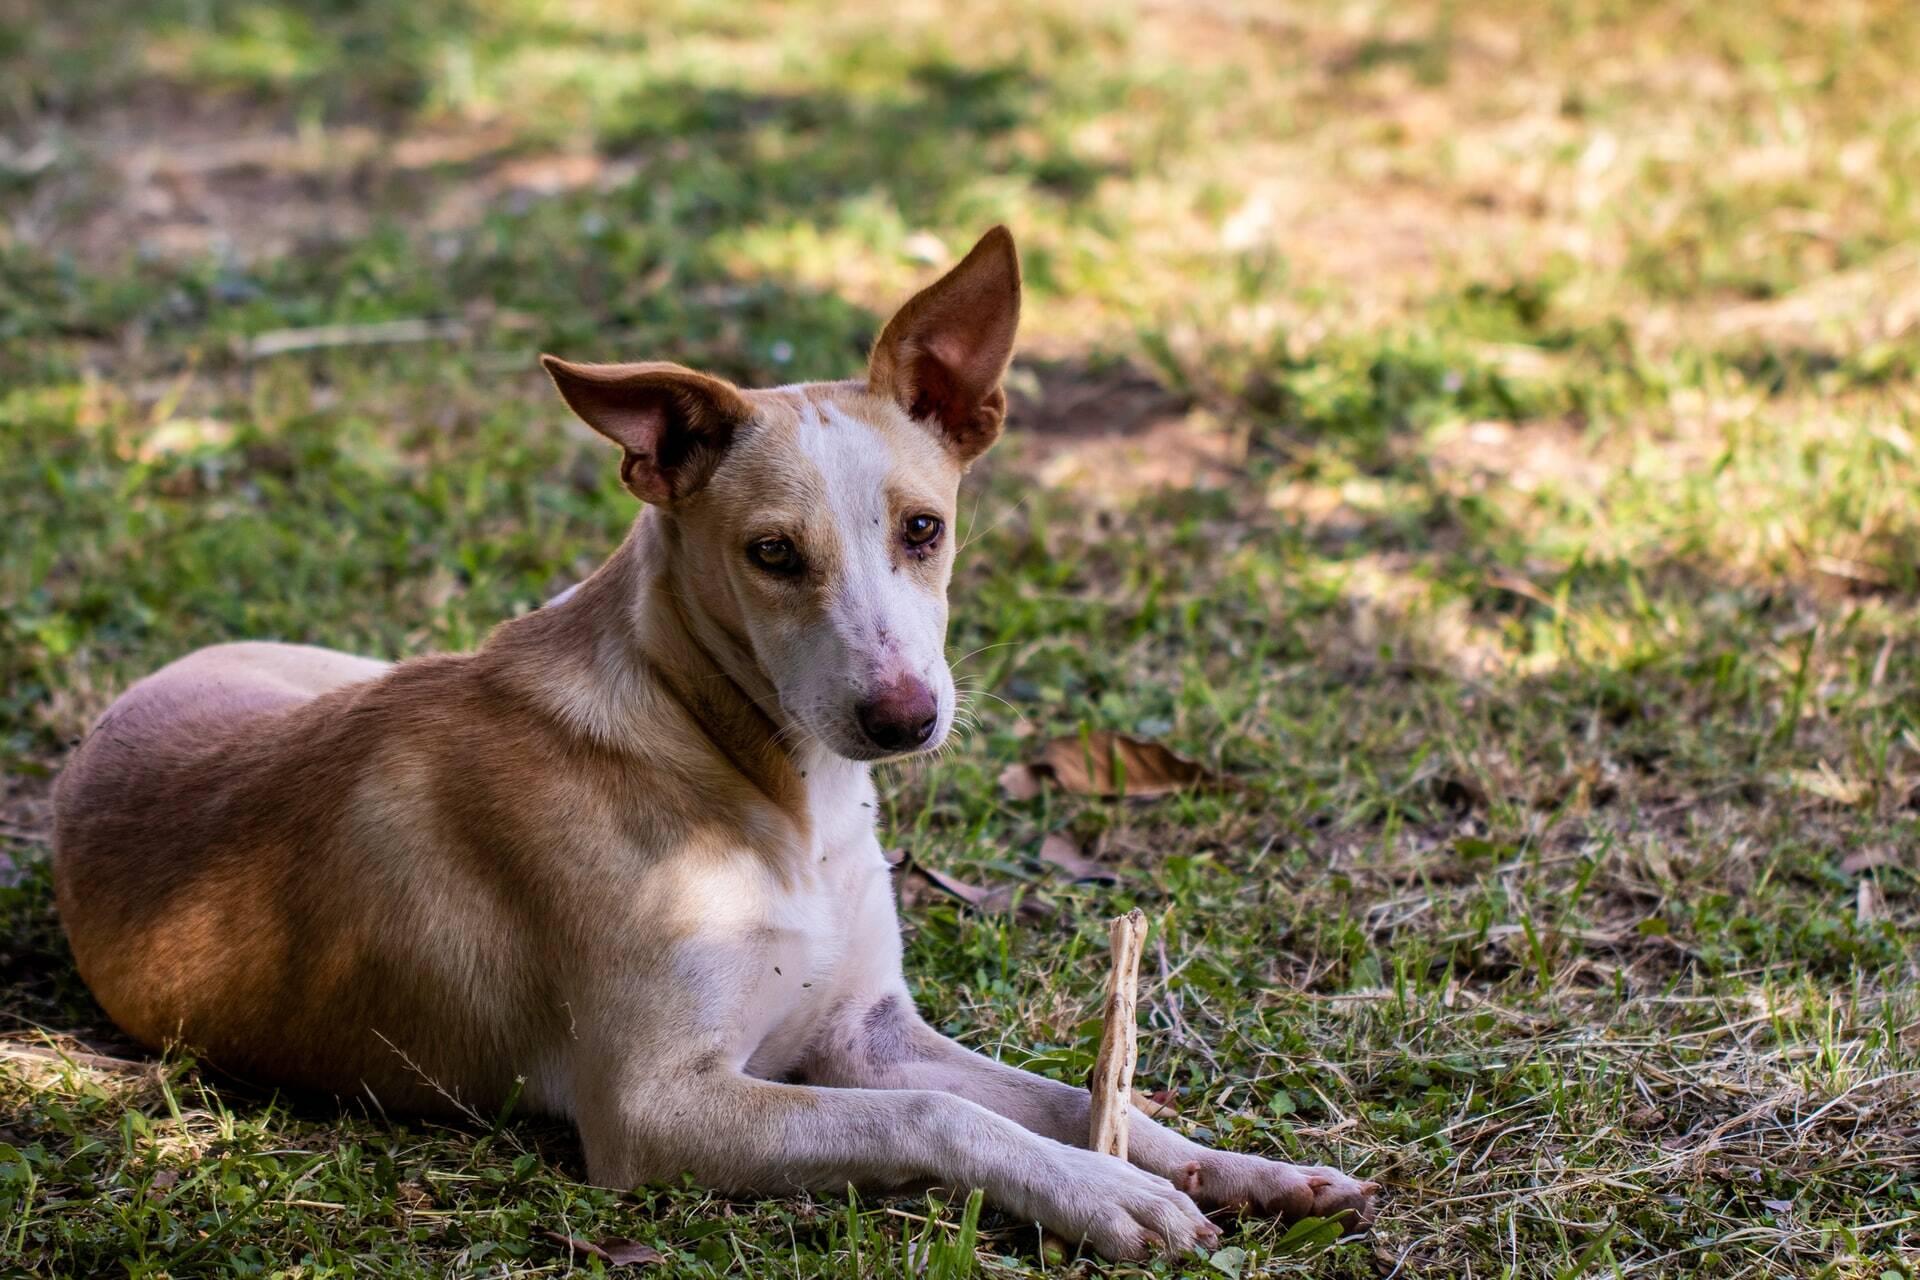 Humanos estão decepando patas de cães e gatos, e veterinária suspeita de magia negra